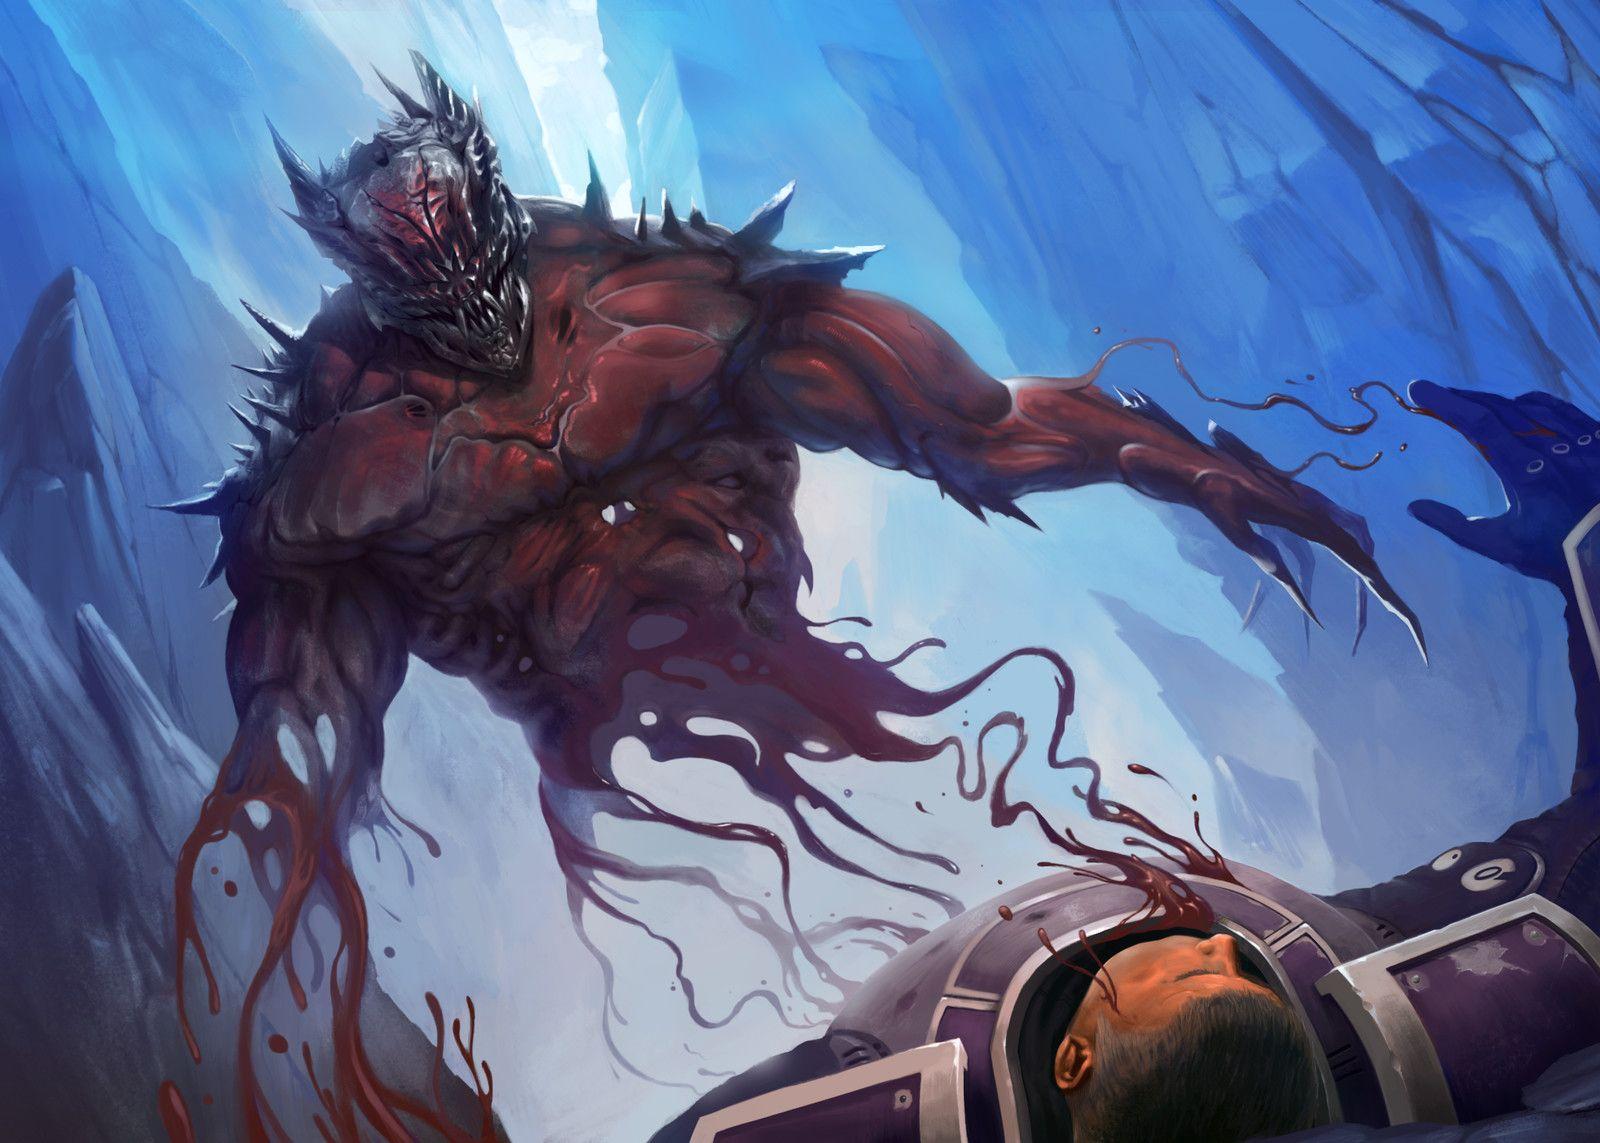 Living nightmare, Evgeniy Vasilin on ArtStation at https://www.artstation.com/artwork/K1yJo